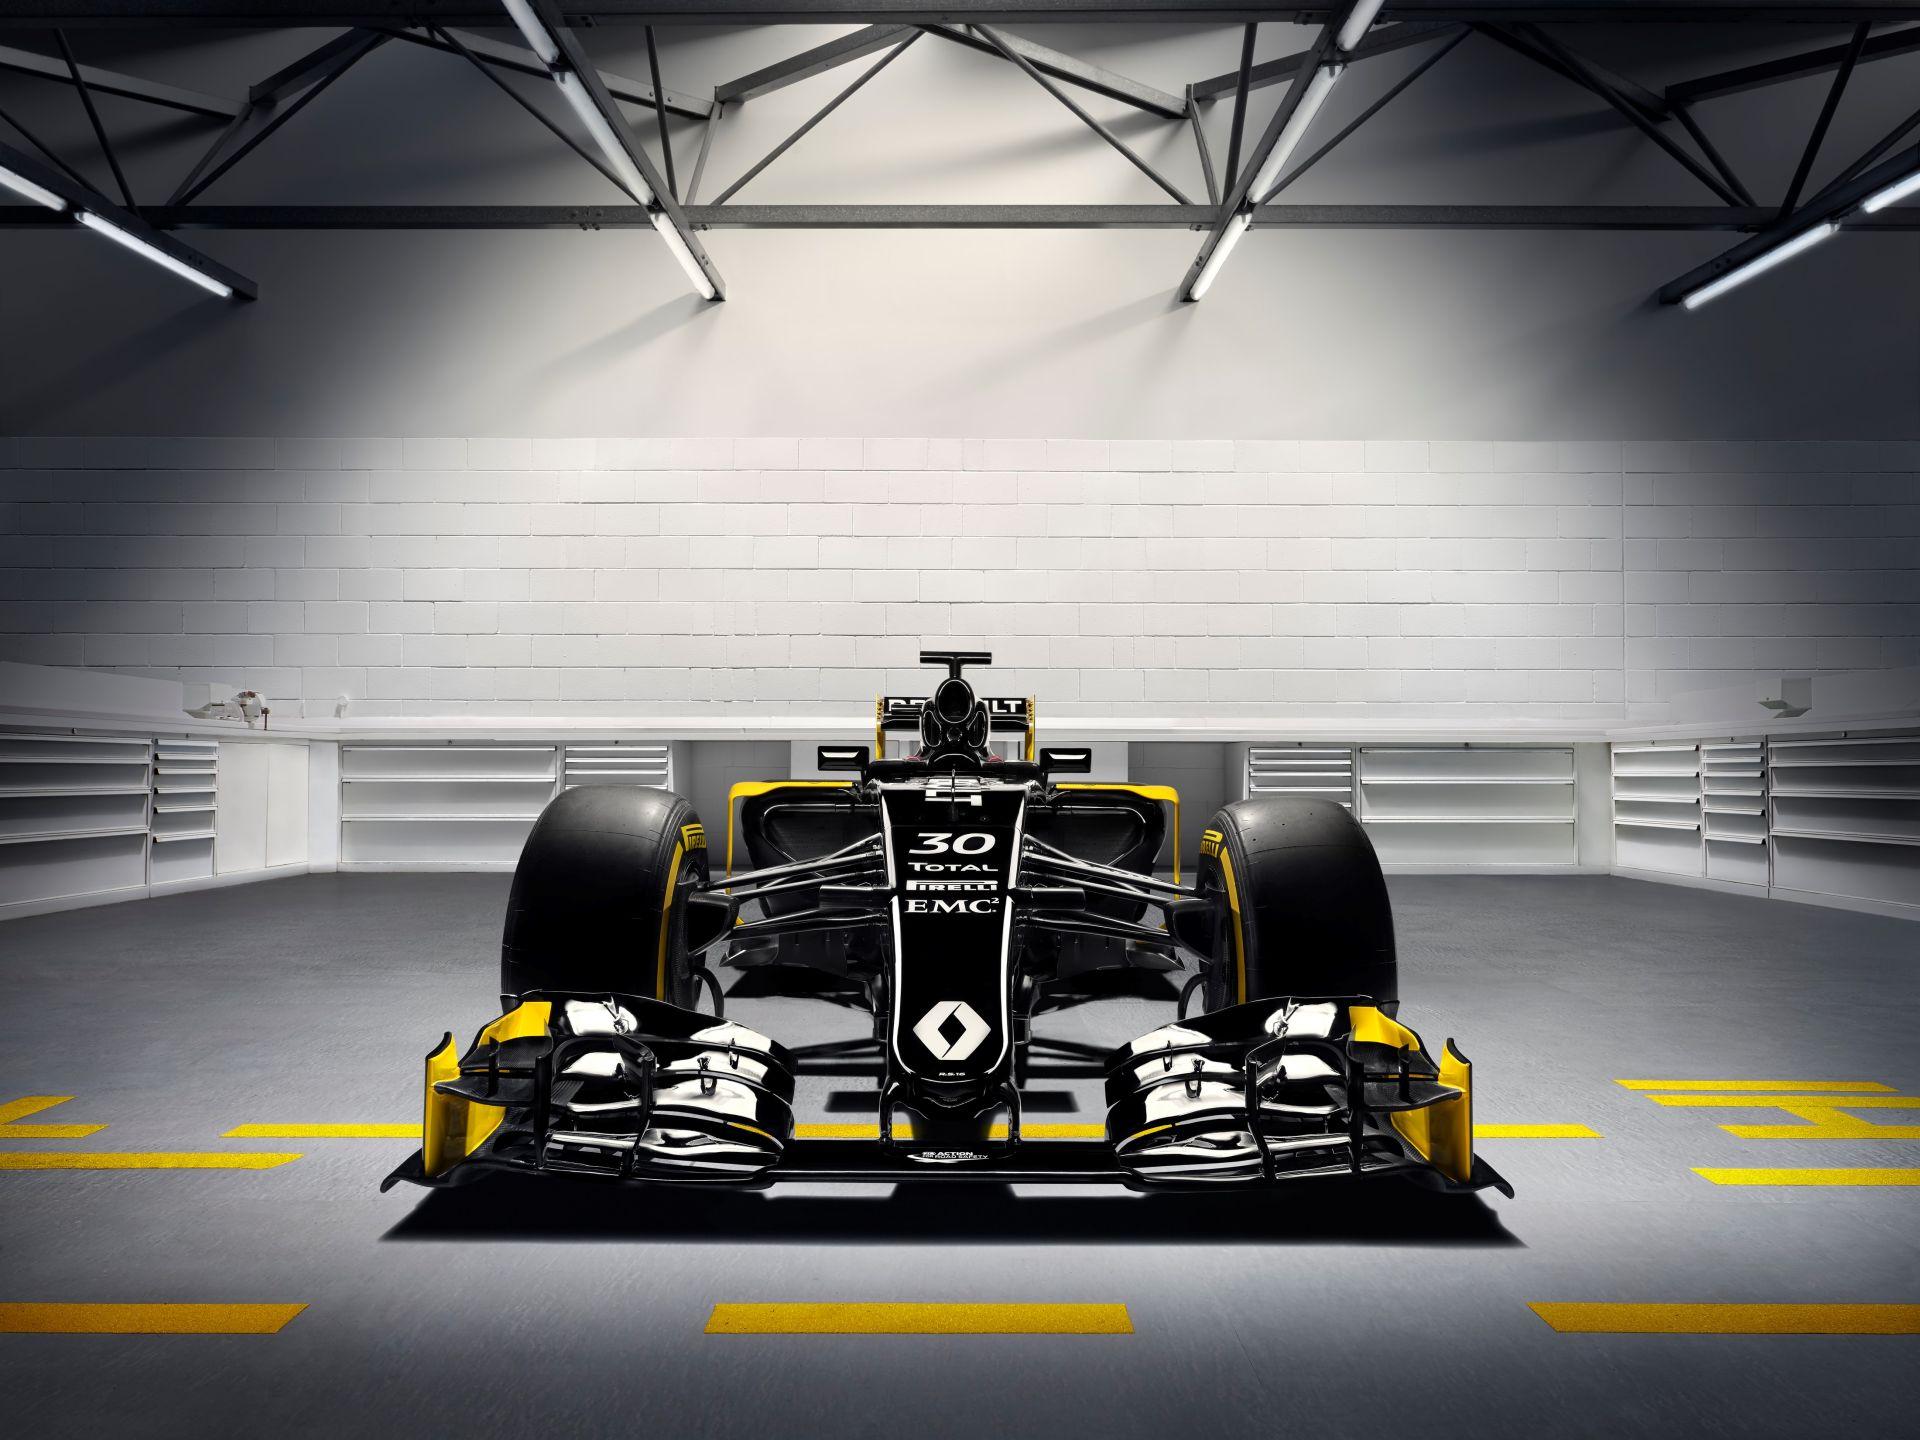 Bizakodik a Renault motorrészlege, elsősorban a megbízhatóság a cél